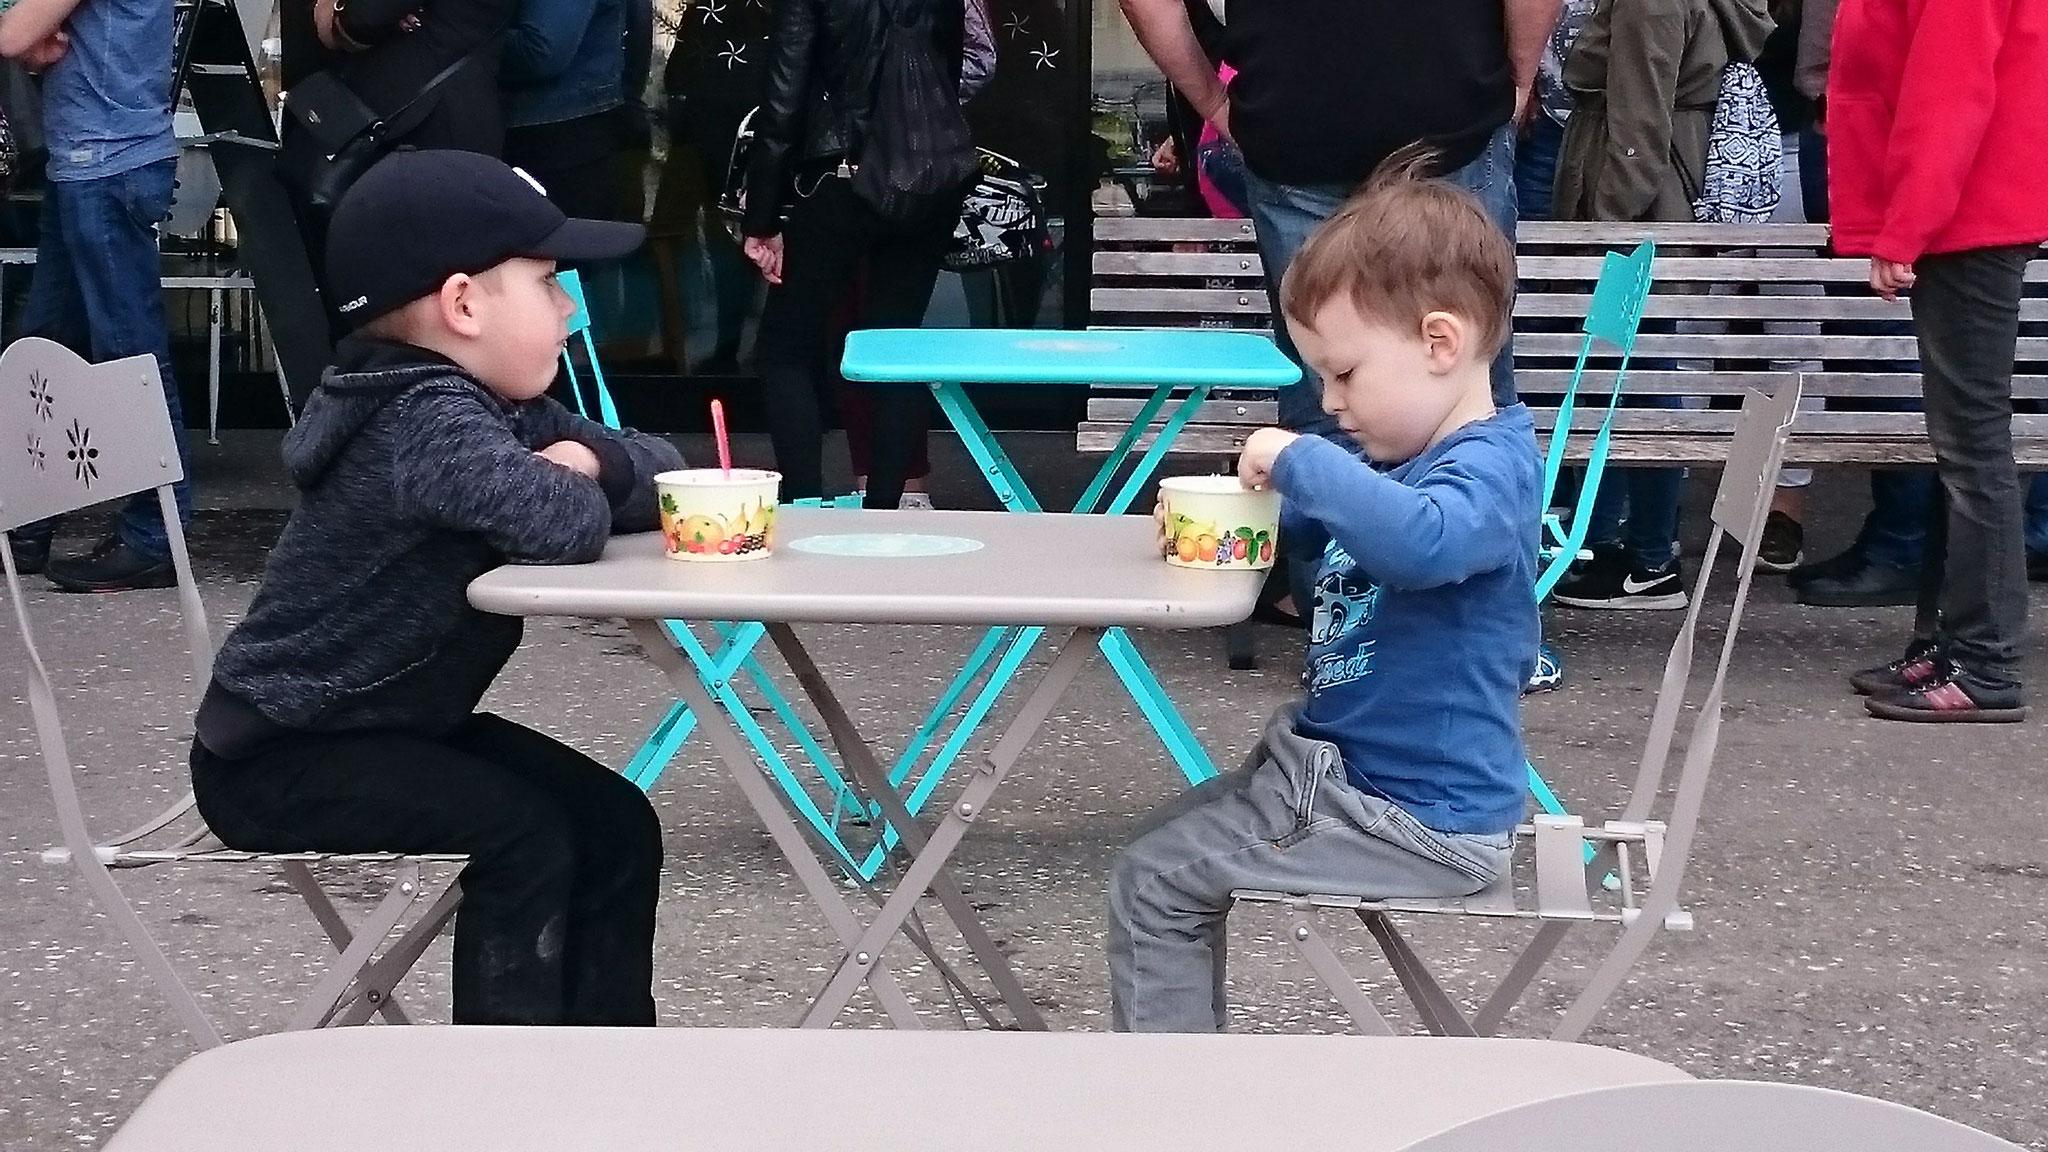 Danach auch gerne mit einem Eis.